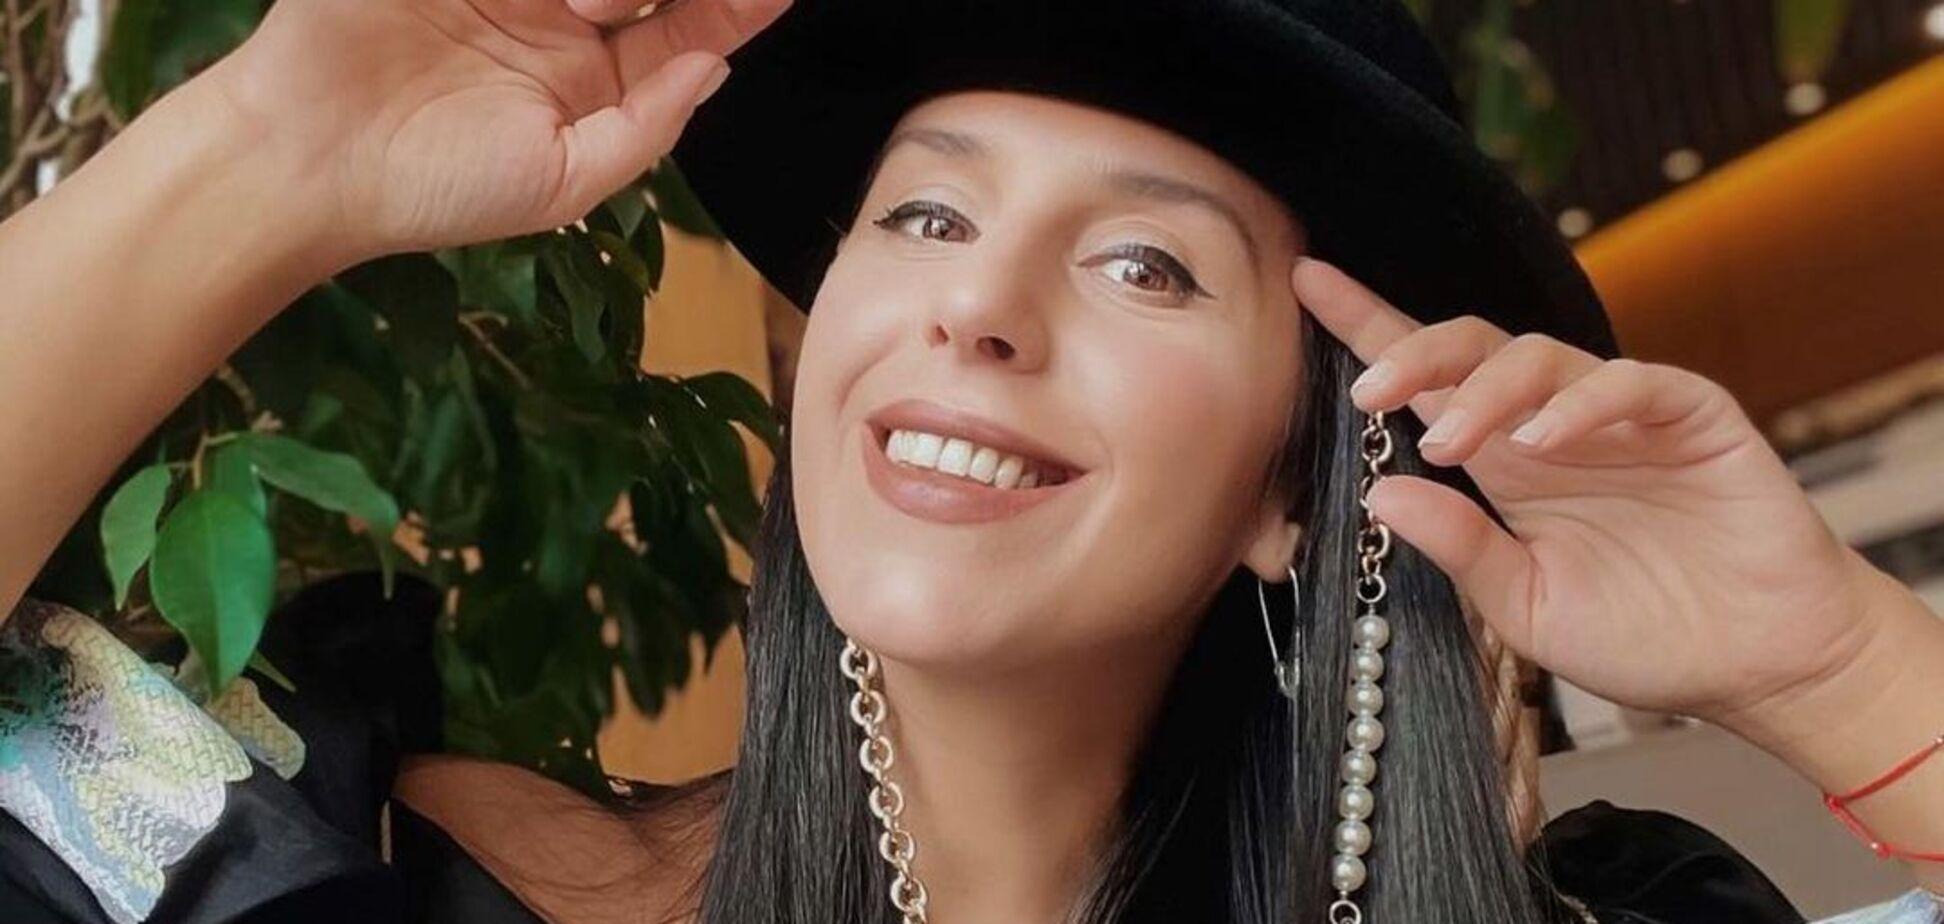 Певице Джамале – 38 лет: как менялась внешность артистки на протяжении карьеры